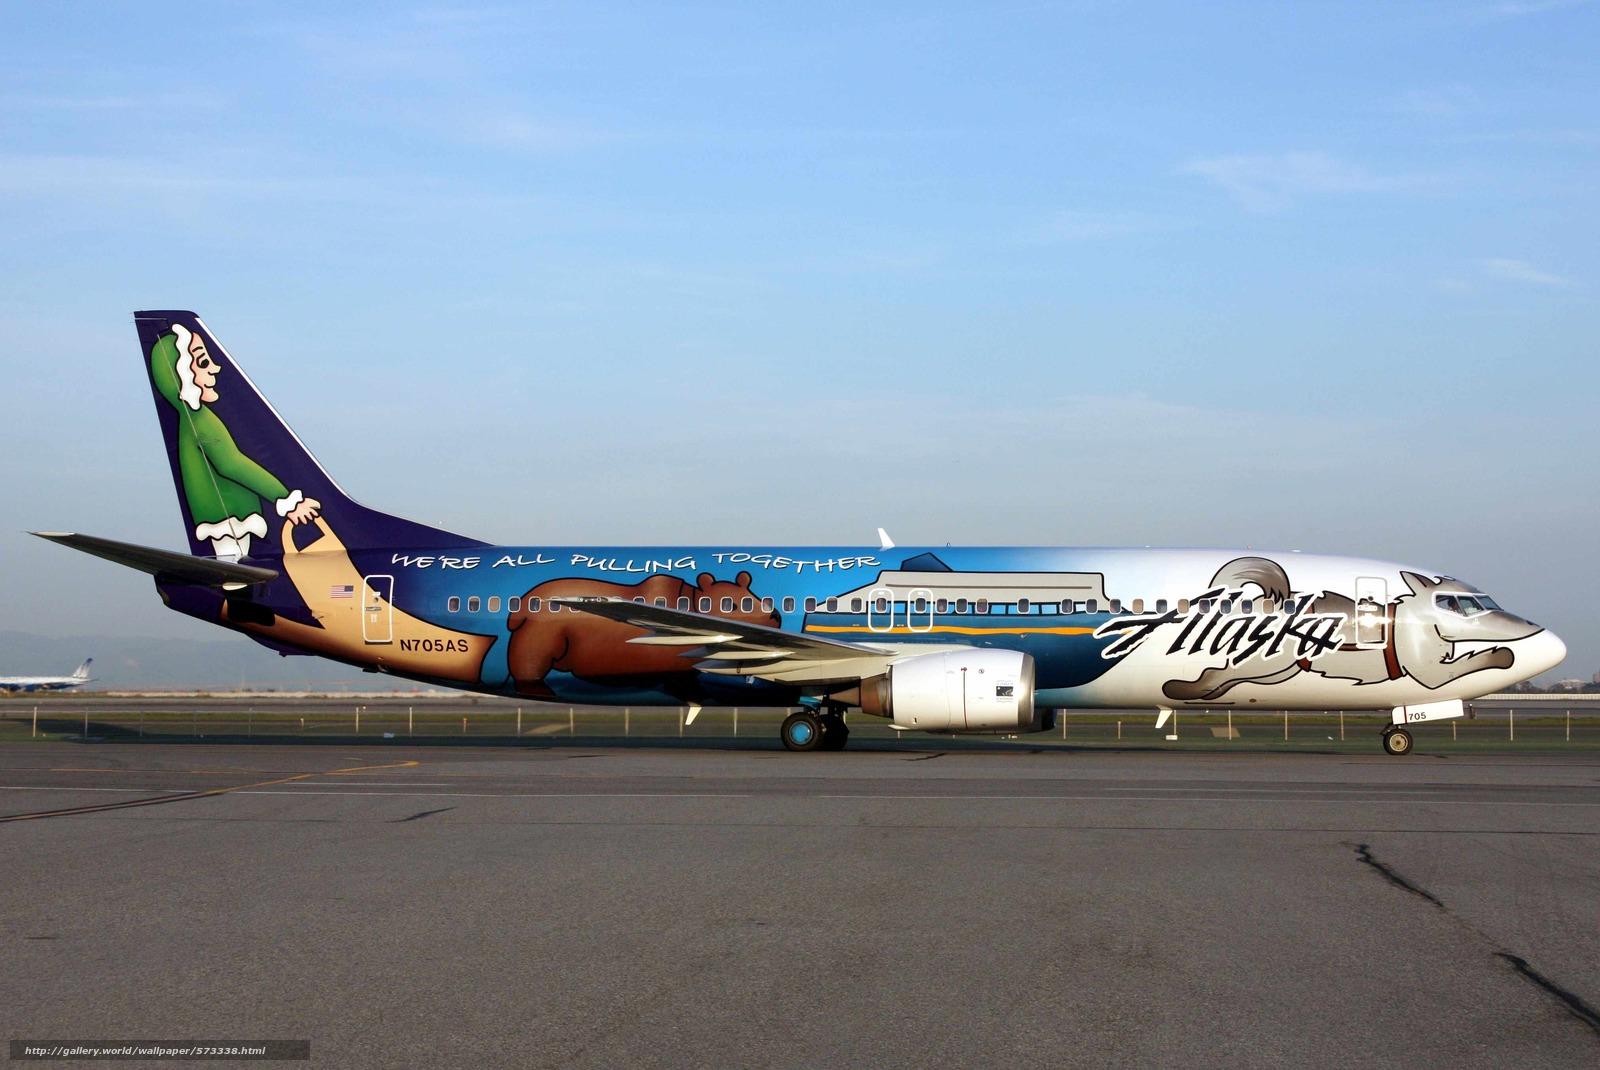 Скачать обои Самолёт,  лайнер,  авиация,  боинг бесплатно для рабочего стола в разрешении 4048x2708 — картинка №573338